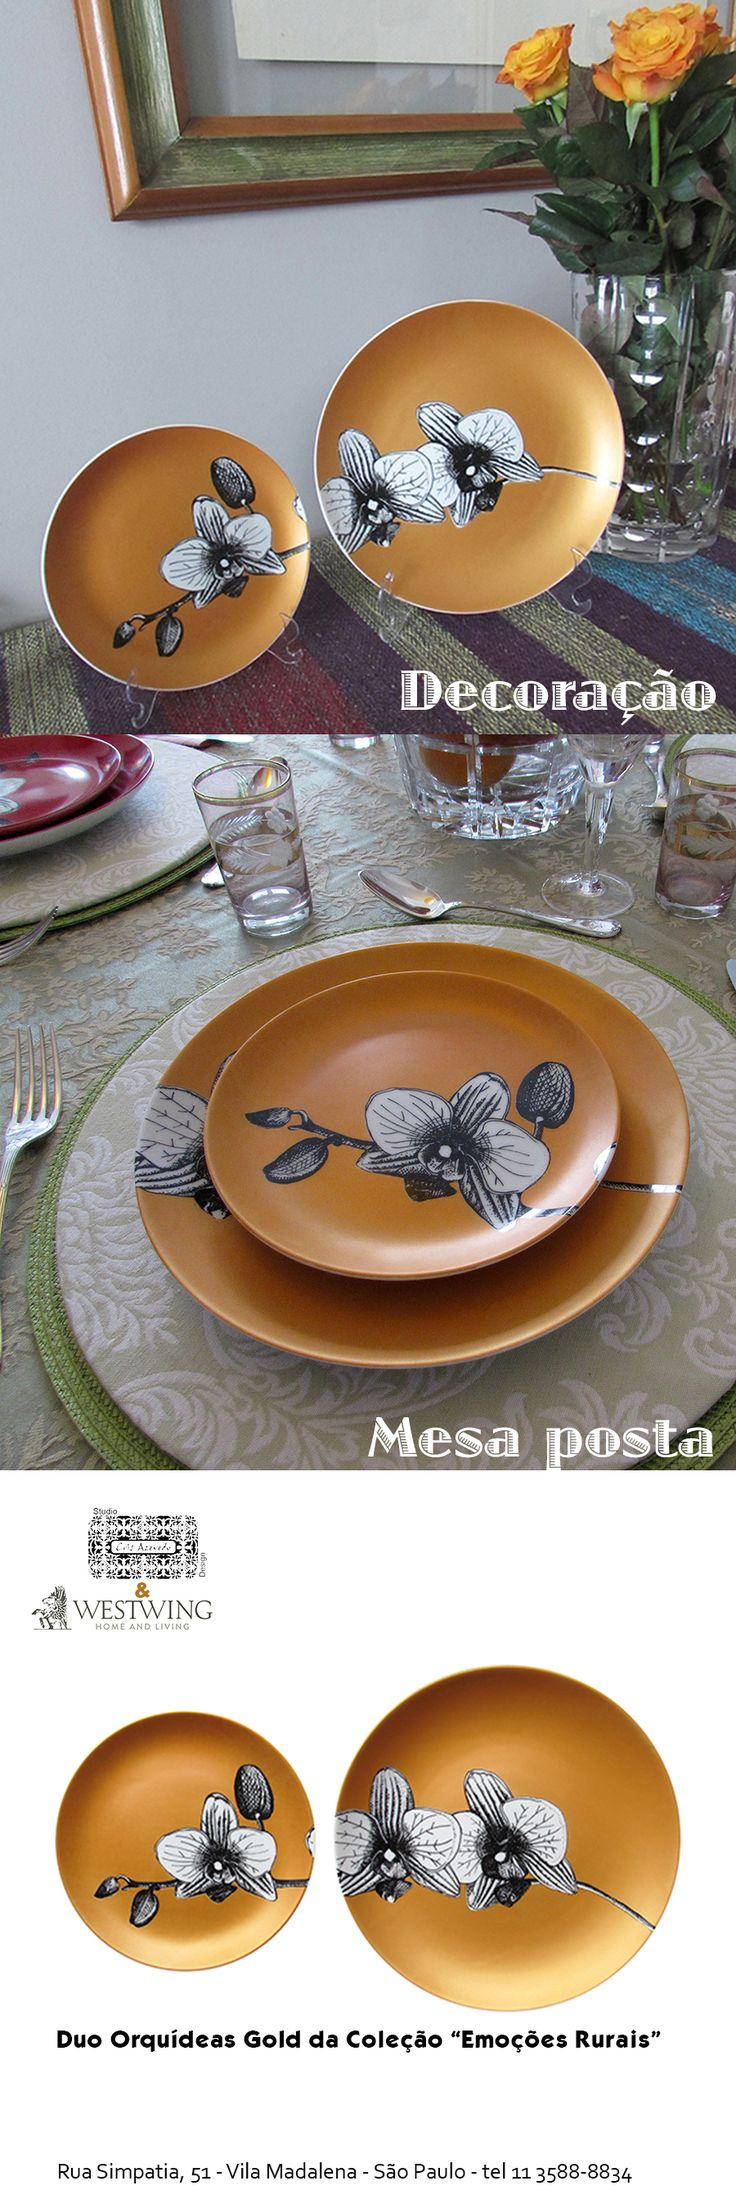 """Pratos em porcelana com desenho autoral do Studio Cris Azevedo. Esses são da coleção """"Emoções Rurais""""- olhares pelos arredores da cidade de São Paulo. Queimados em uma temperatura de 890 graus, podem ser usados na decoração de seu living ou podem ser usados em sua mesa posta. O prato de sobremesa tem 19 cms e o prato raso tem 25 cms."""